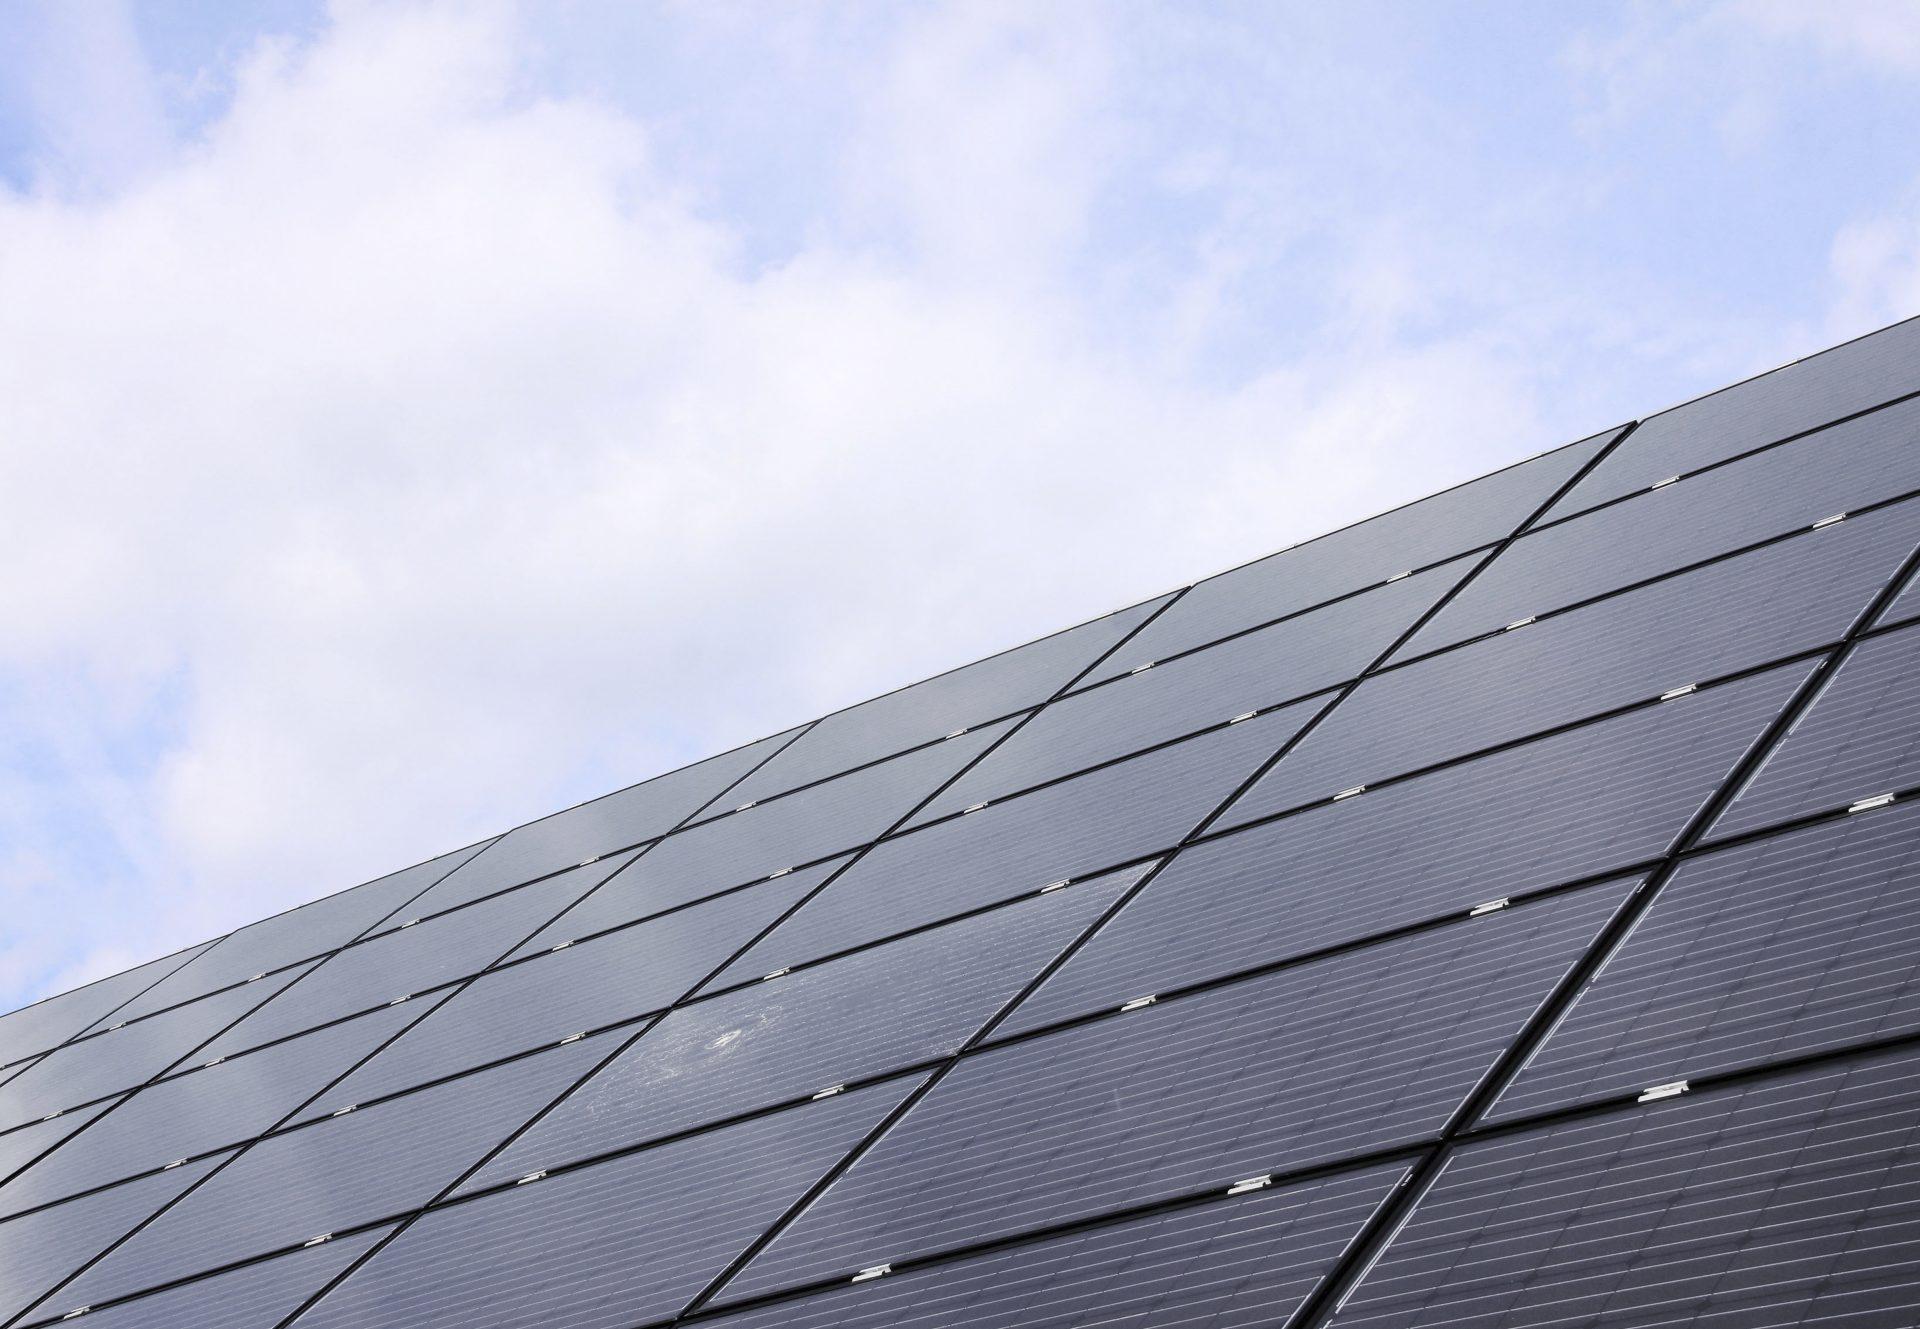 Hoeveel zonnepanelen passen er op mijn dak?